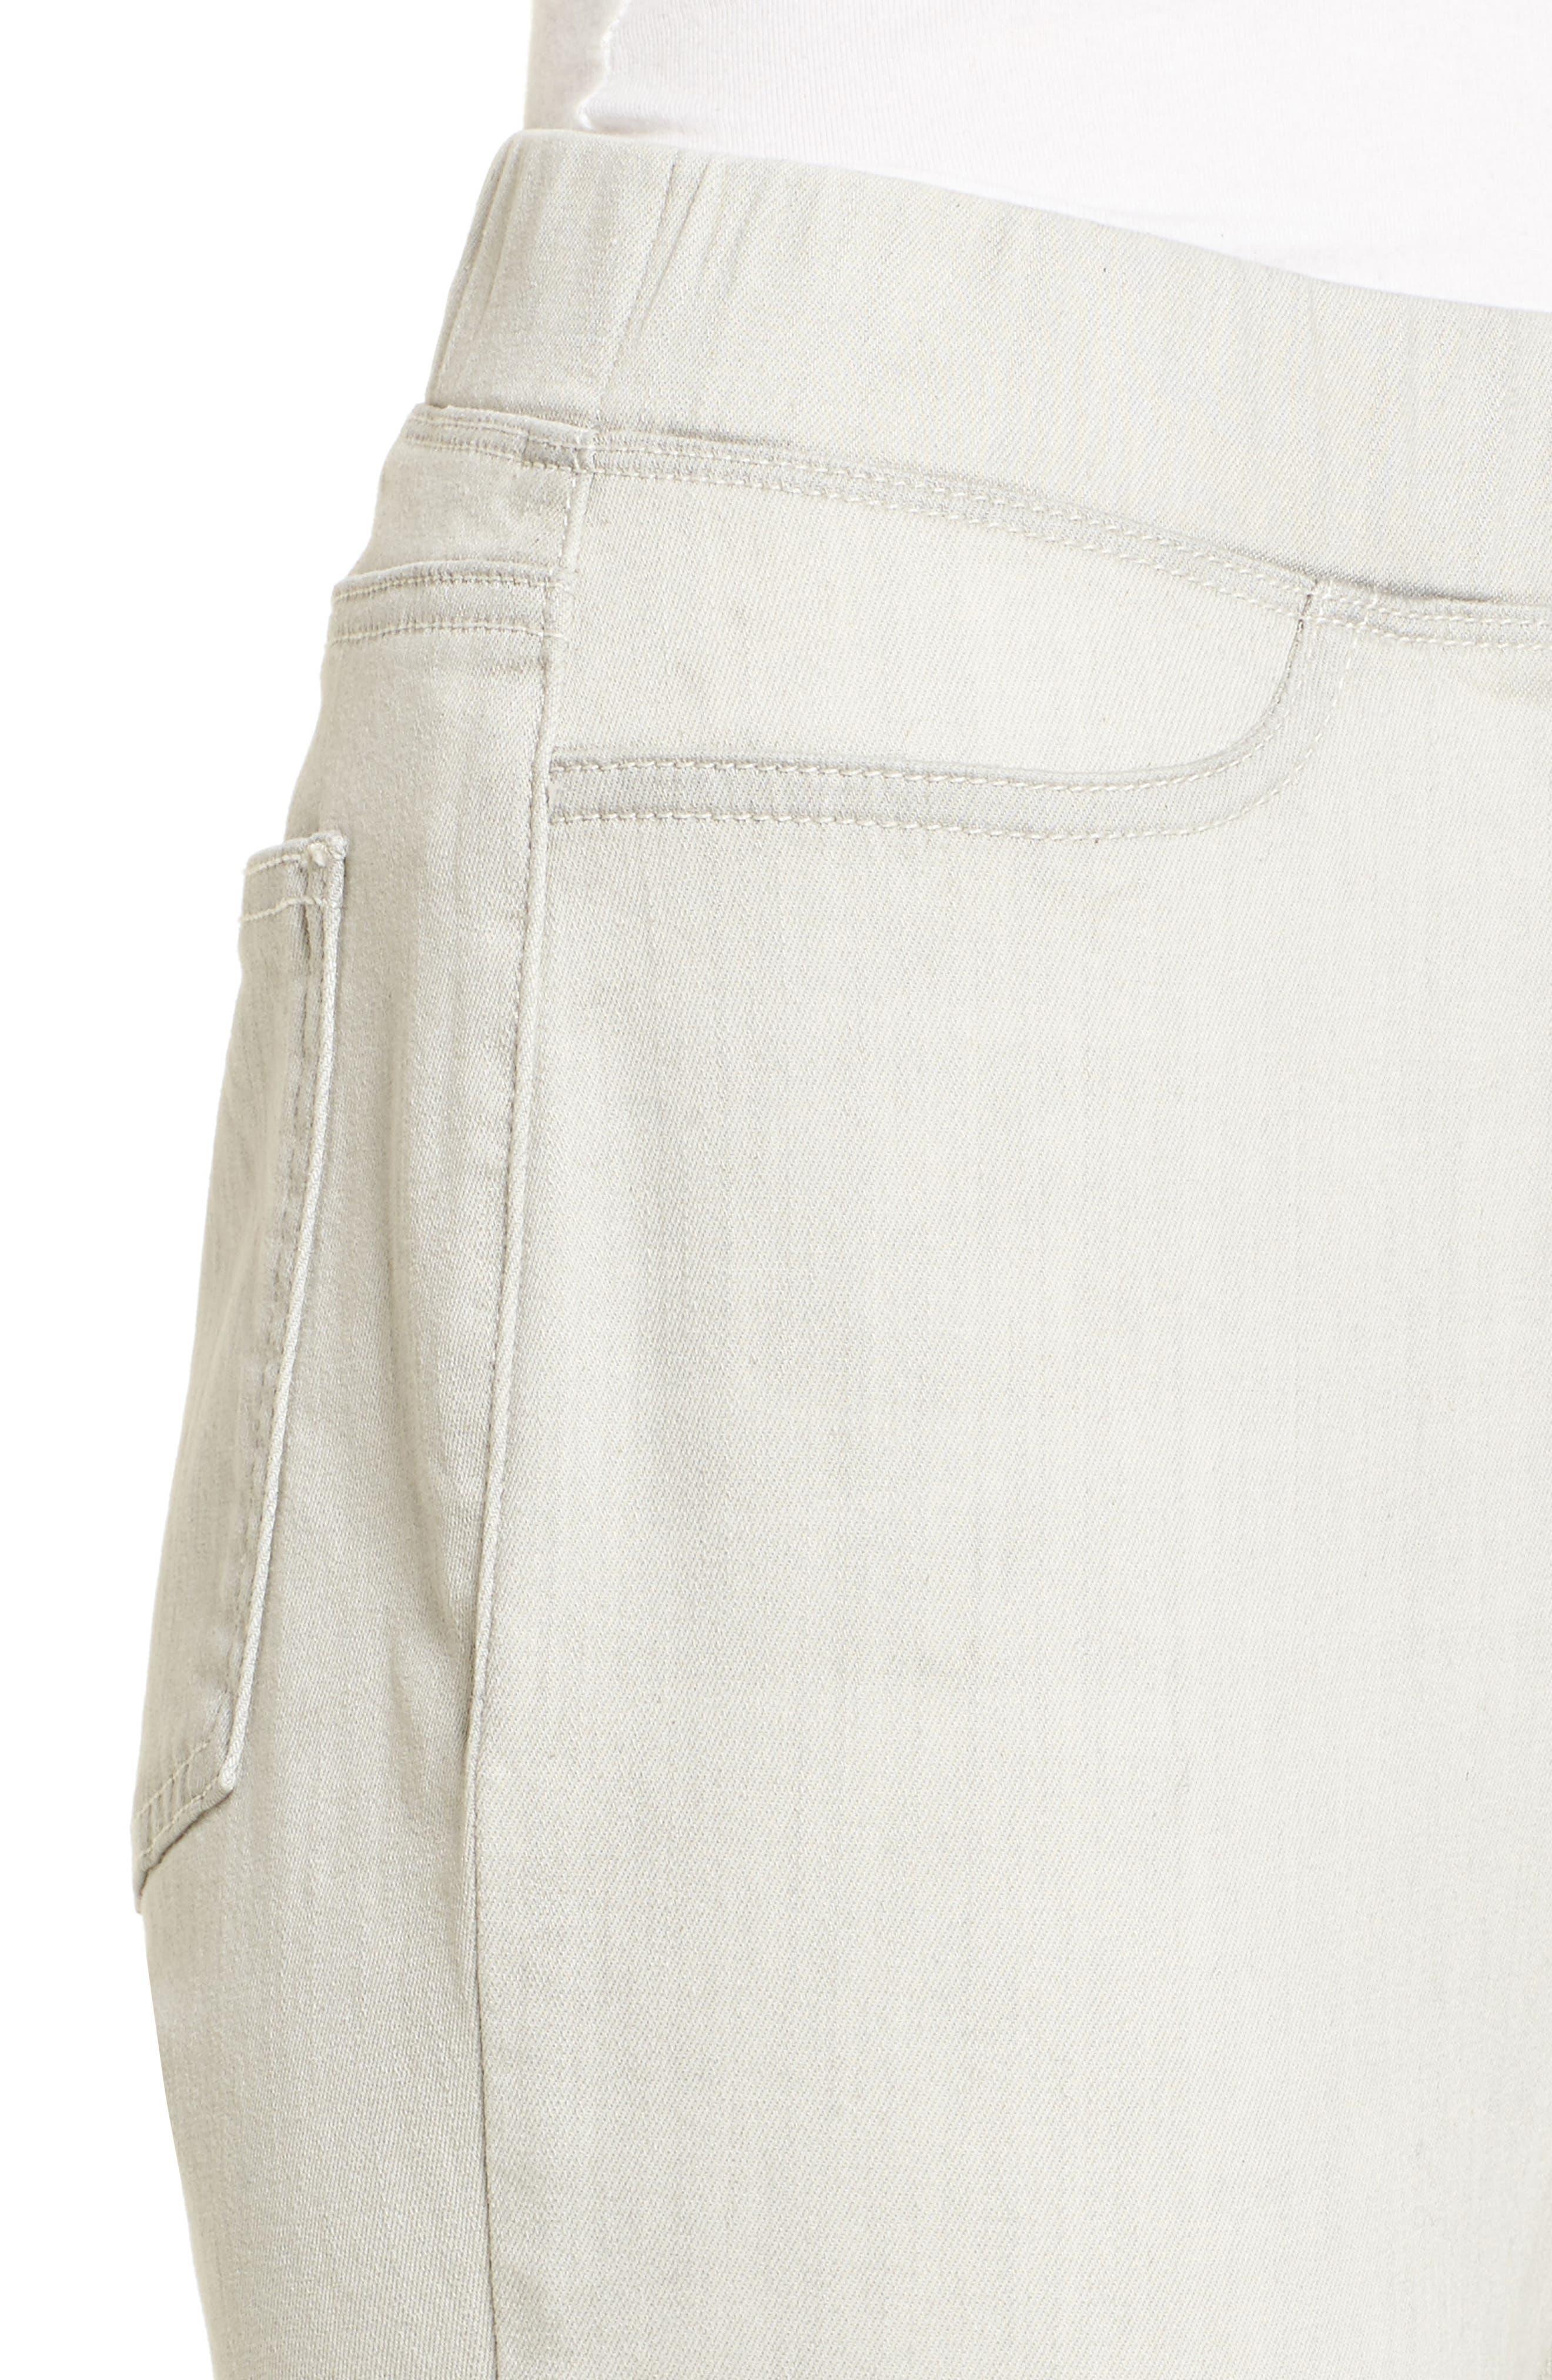 Stretch Denim Leggings,                             Alternate thumbnail 4, color,                             Light Grey